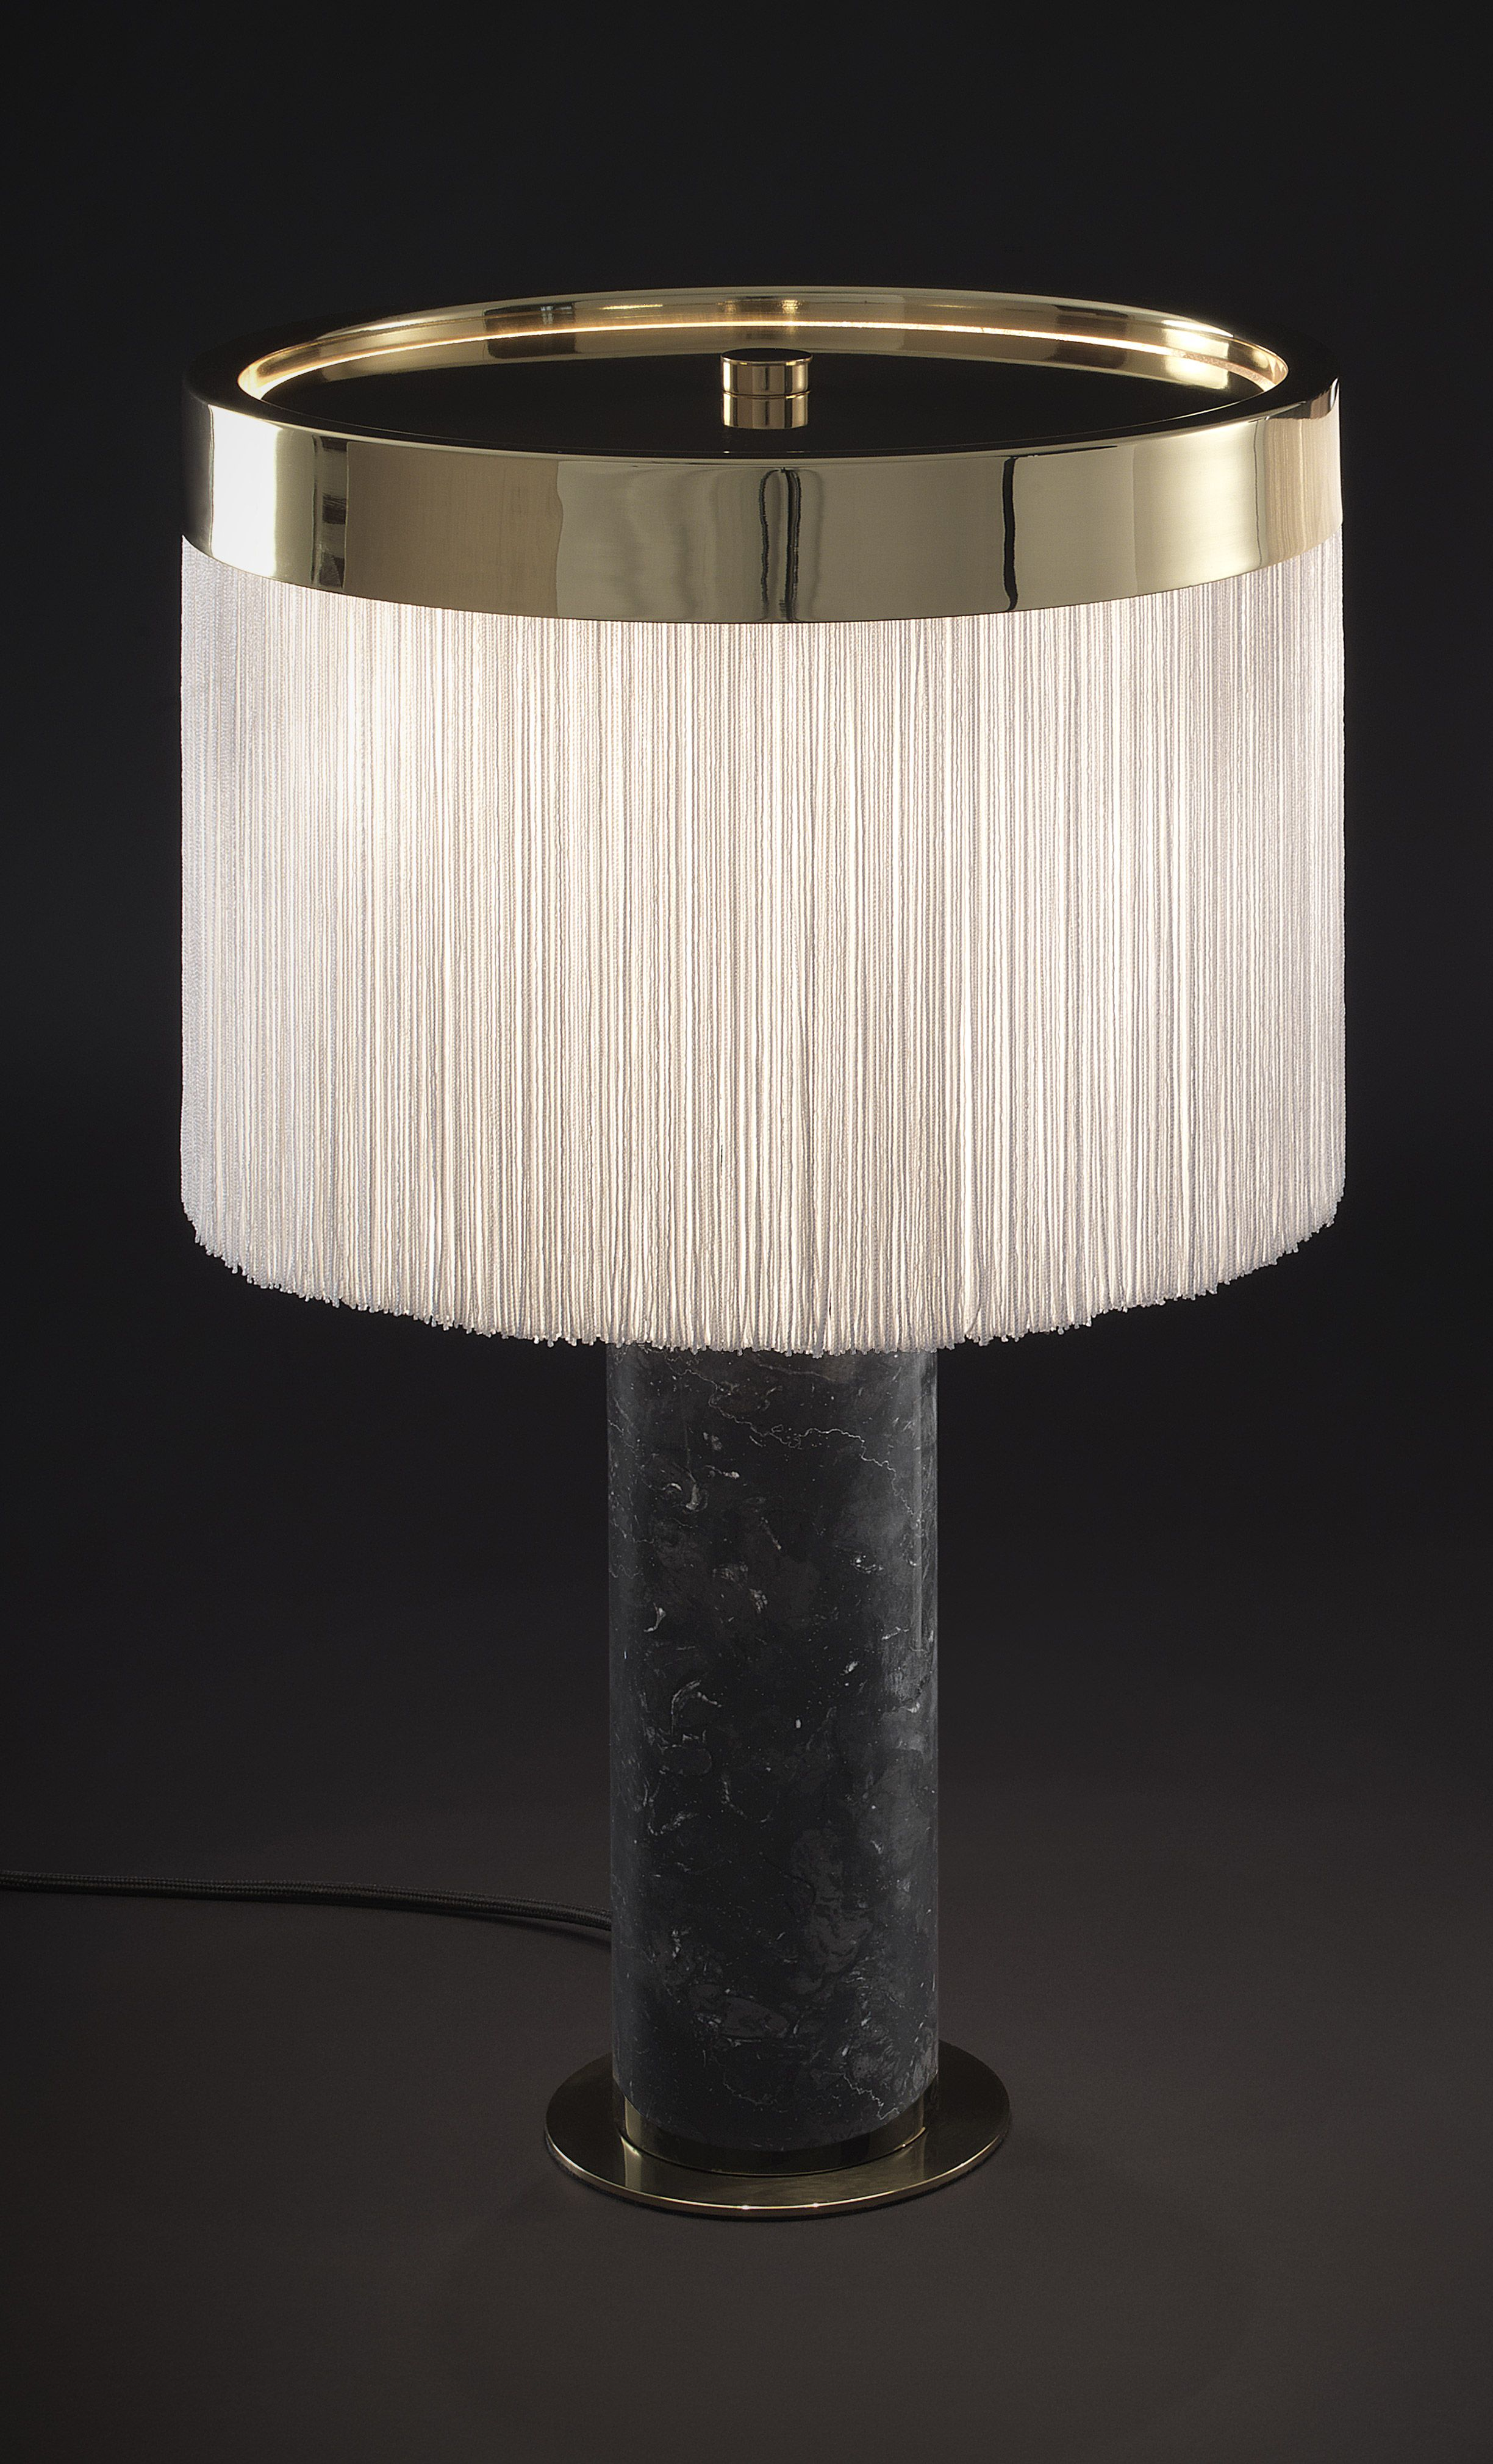 2448 4039 pinterest iluminaci n escritorios y luces - Iluminacion jardin sin cables ...